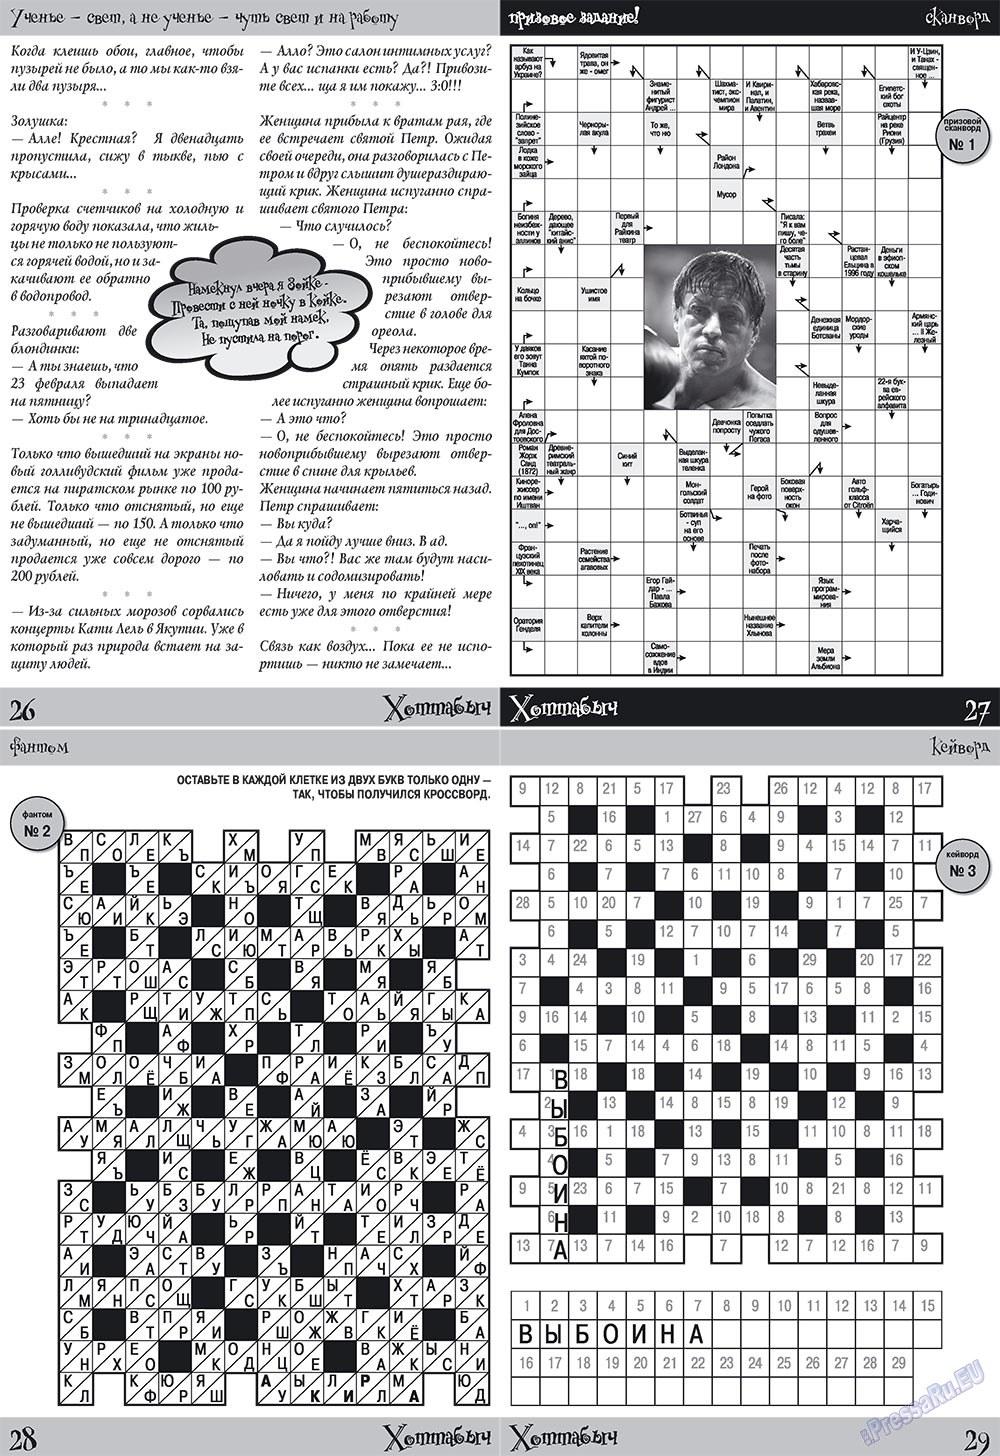 Хоттабыч (журнал). 2009 год, номер 11, стр. 8